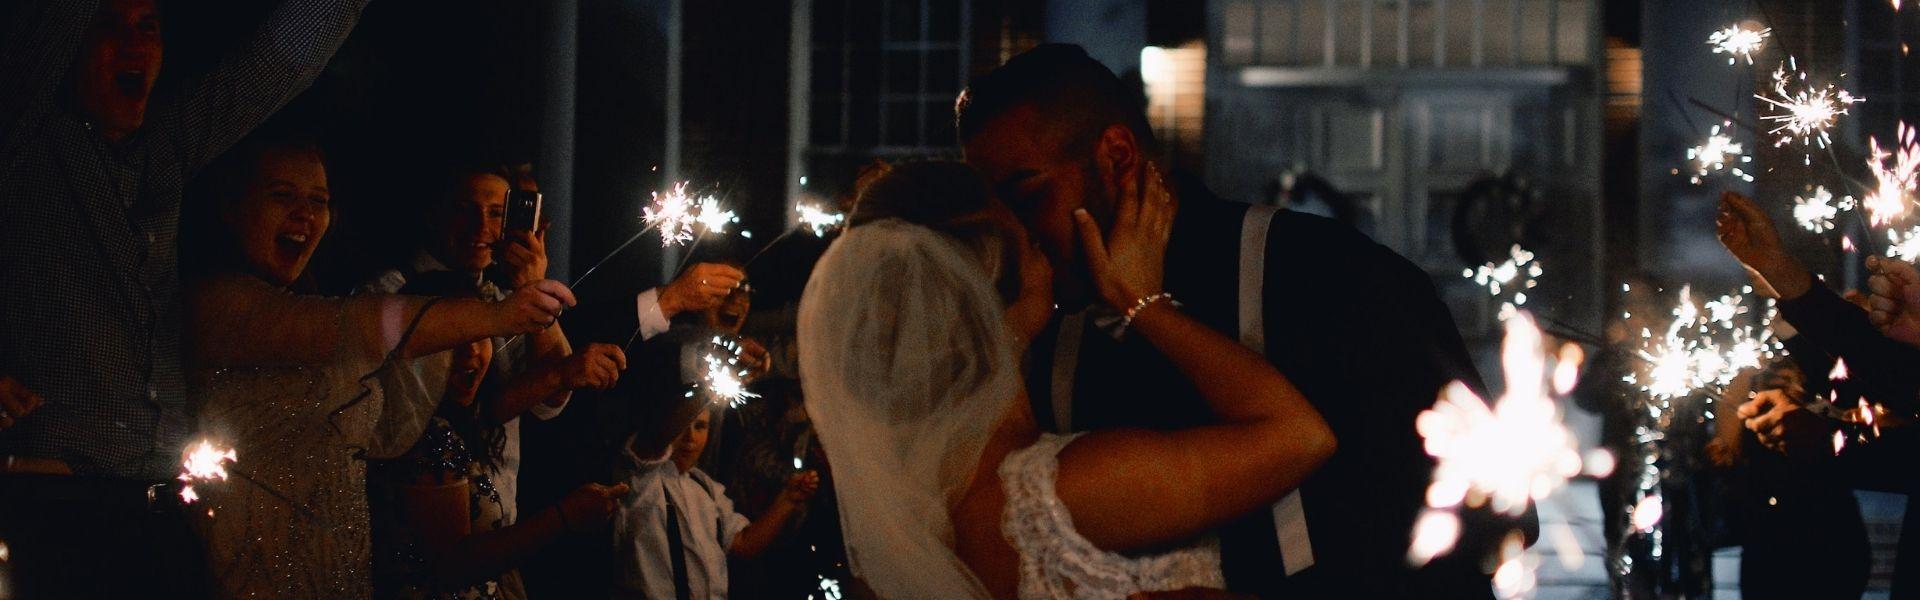 Decoración boda exterior noche